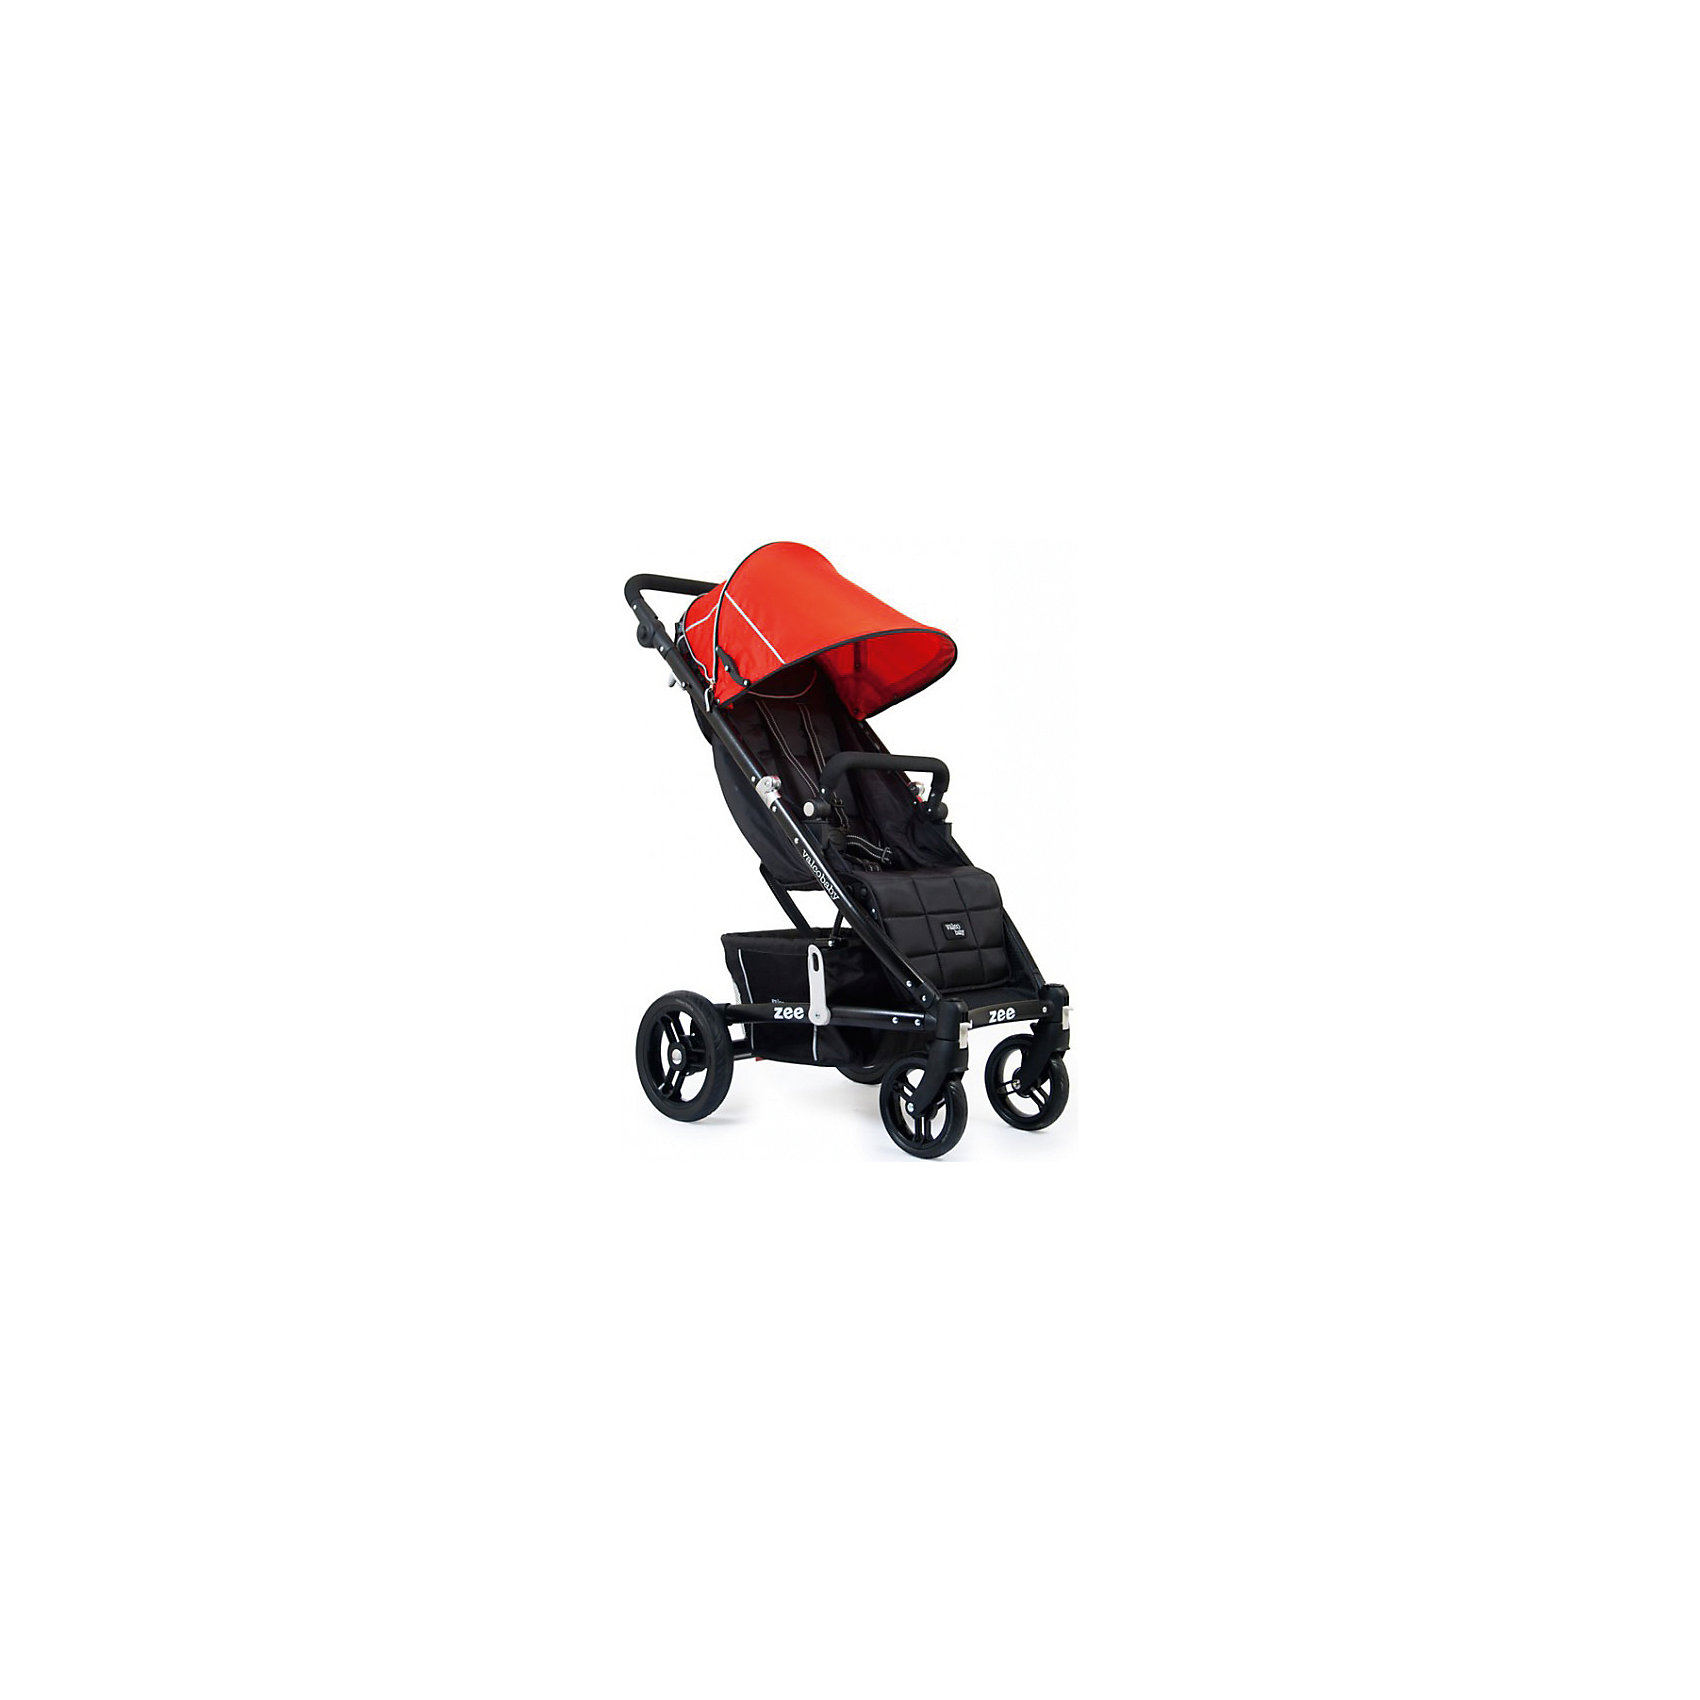 Прогулочная коляска  Zee, Valco baby , cherry (Valco Baby)